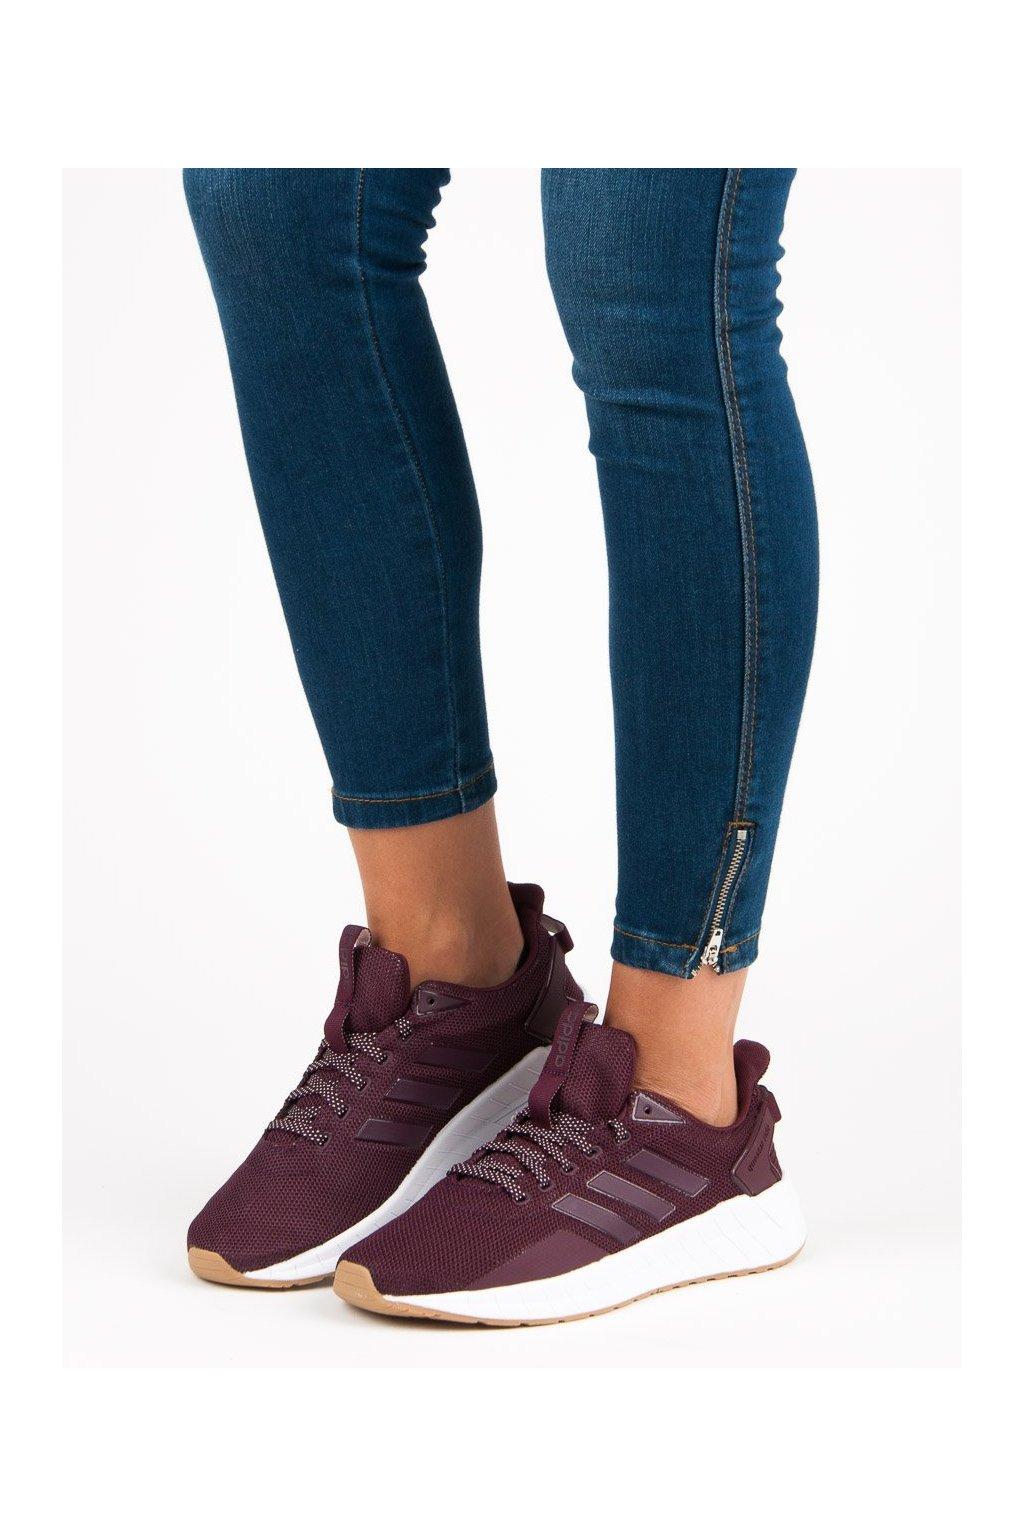 Červené tenisky - Adidas kod B44830